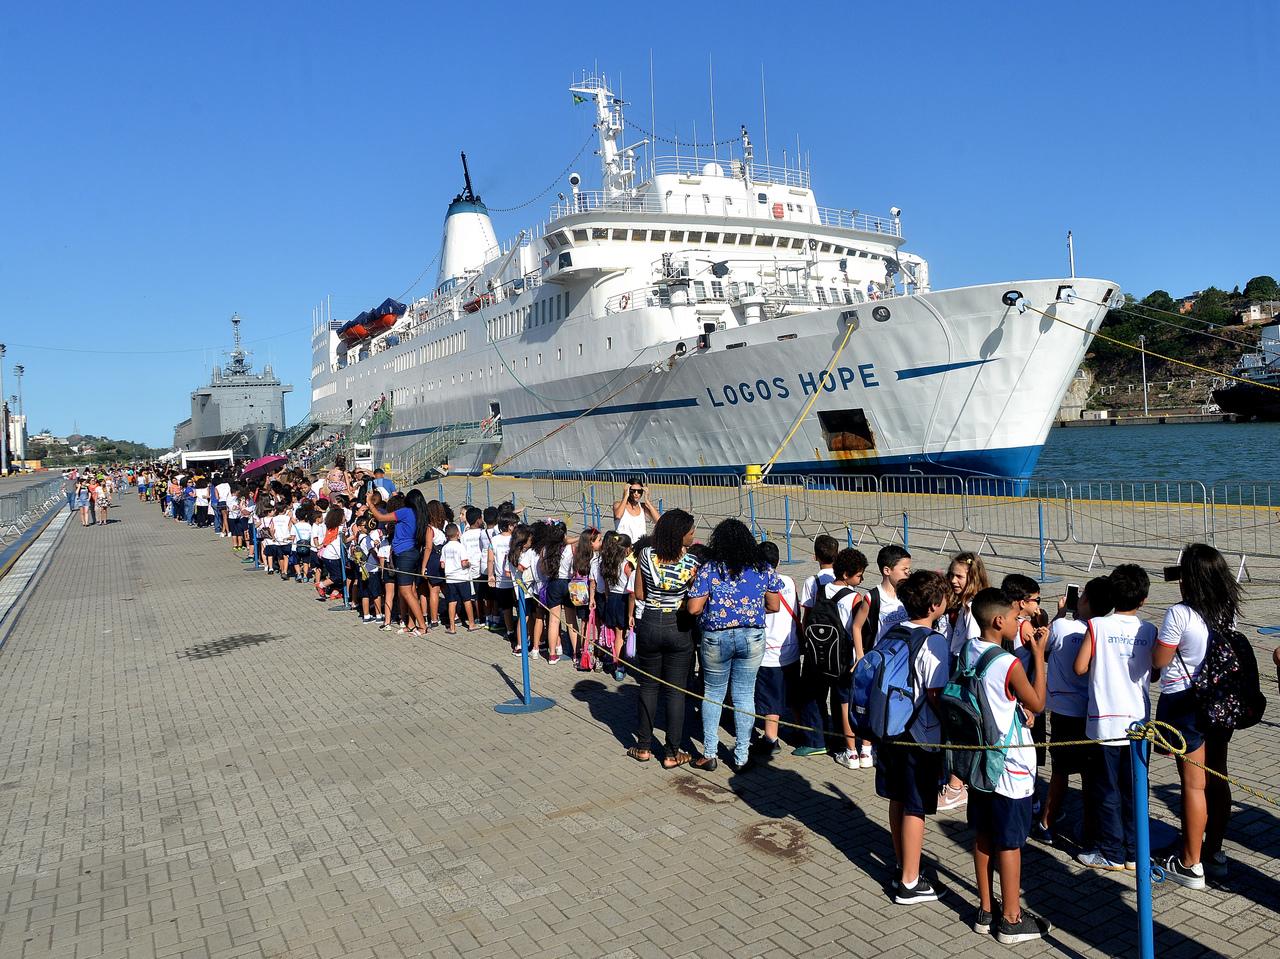 O navio fica na cidade até domingo, dia 20. Foto: Chico Guedes